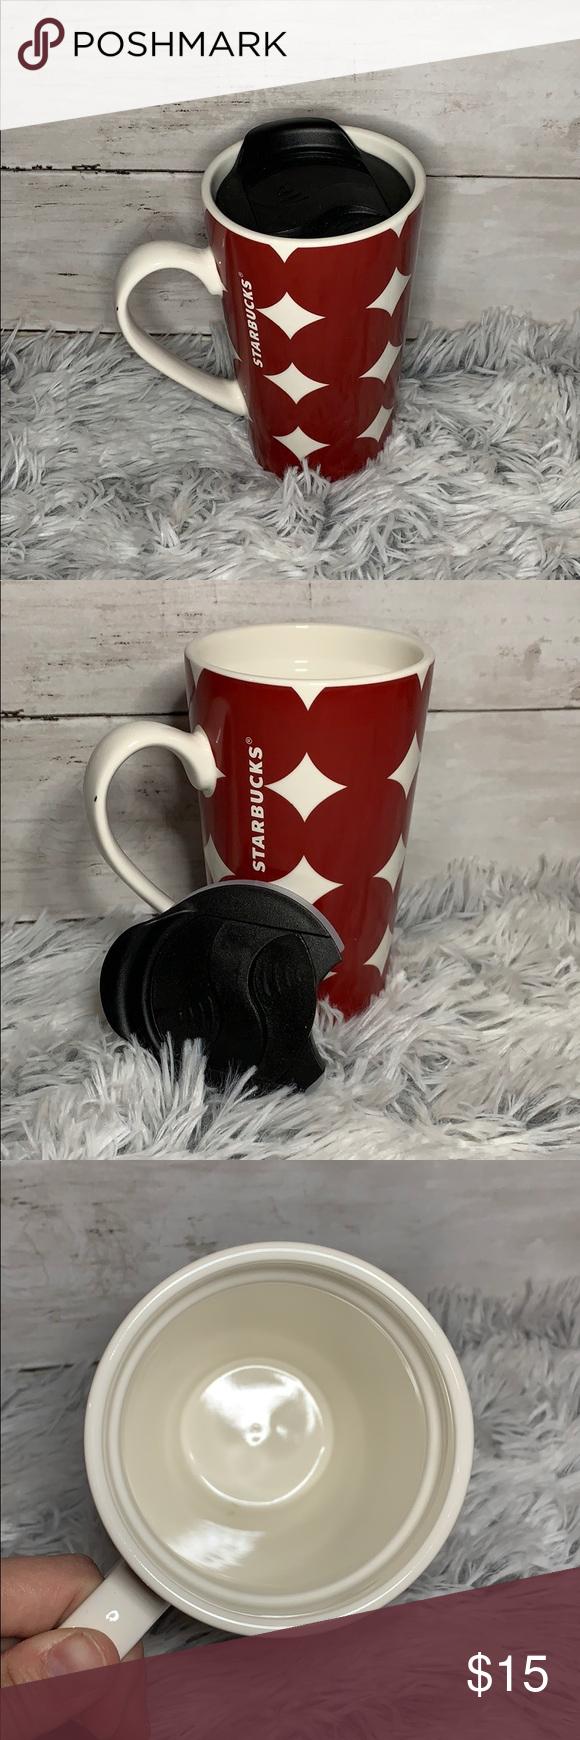 Starbucks Tall Mug with Lid (With images) Mugs, Tea